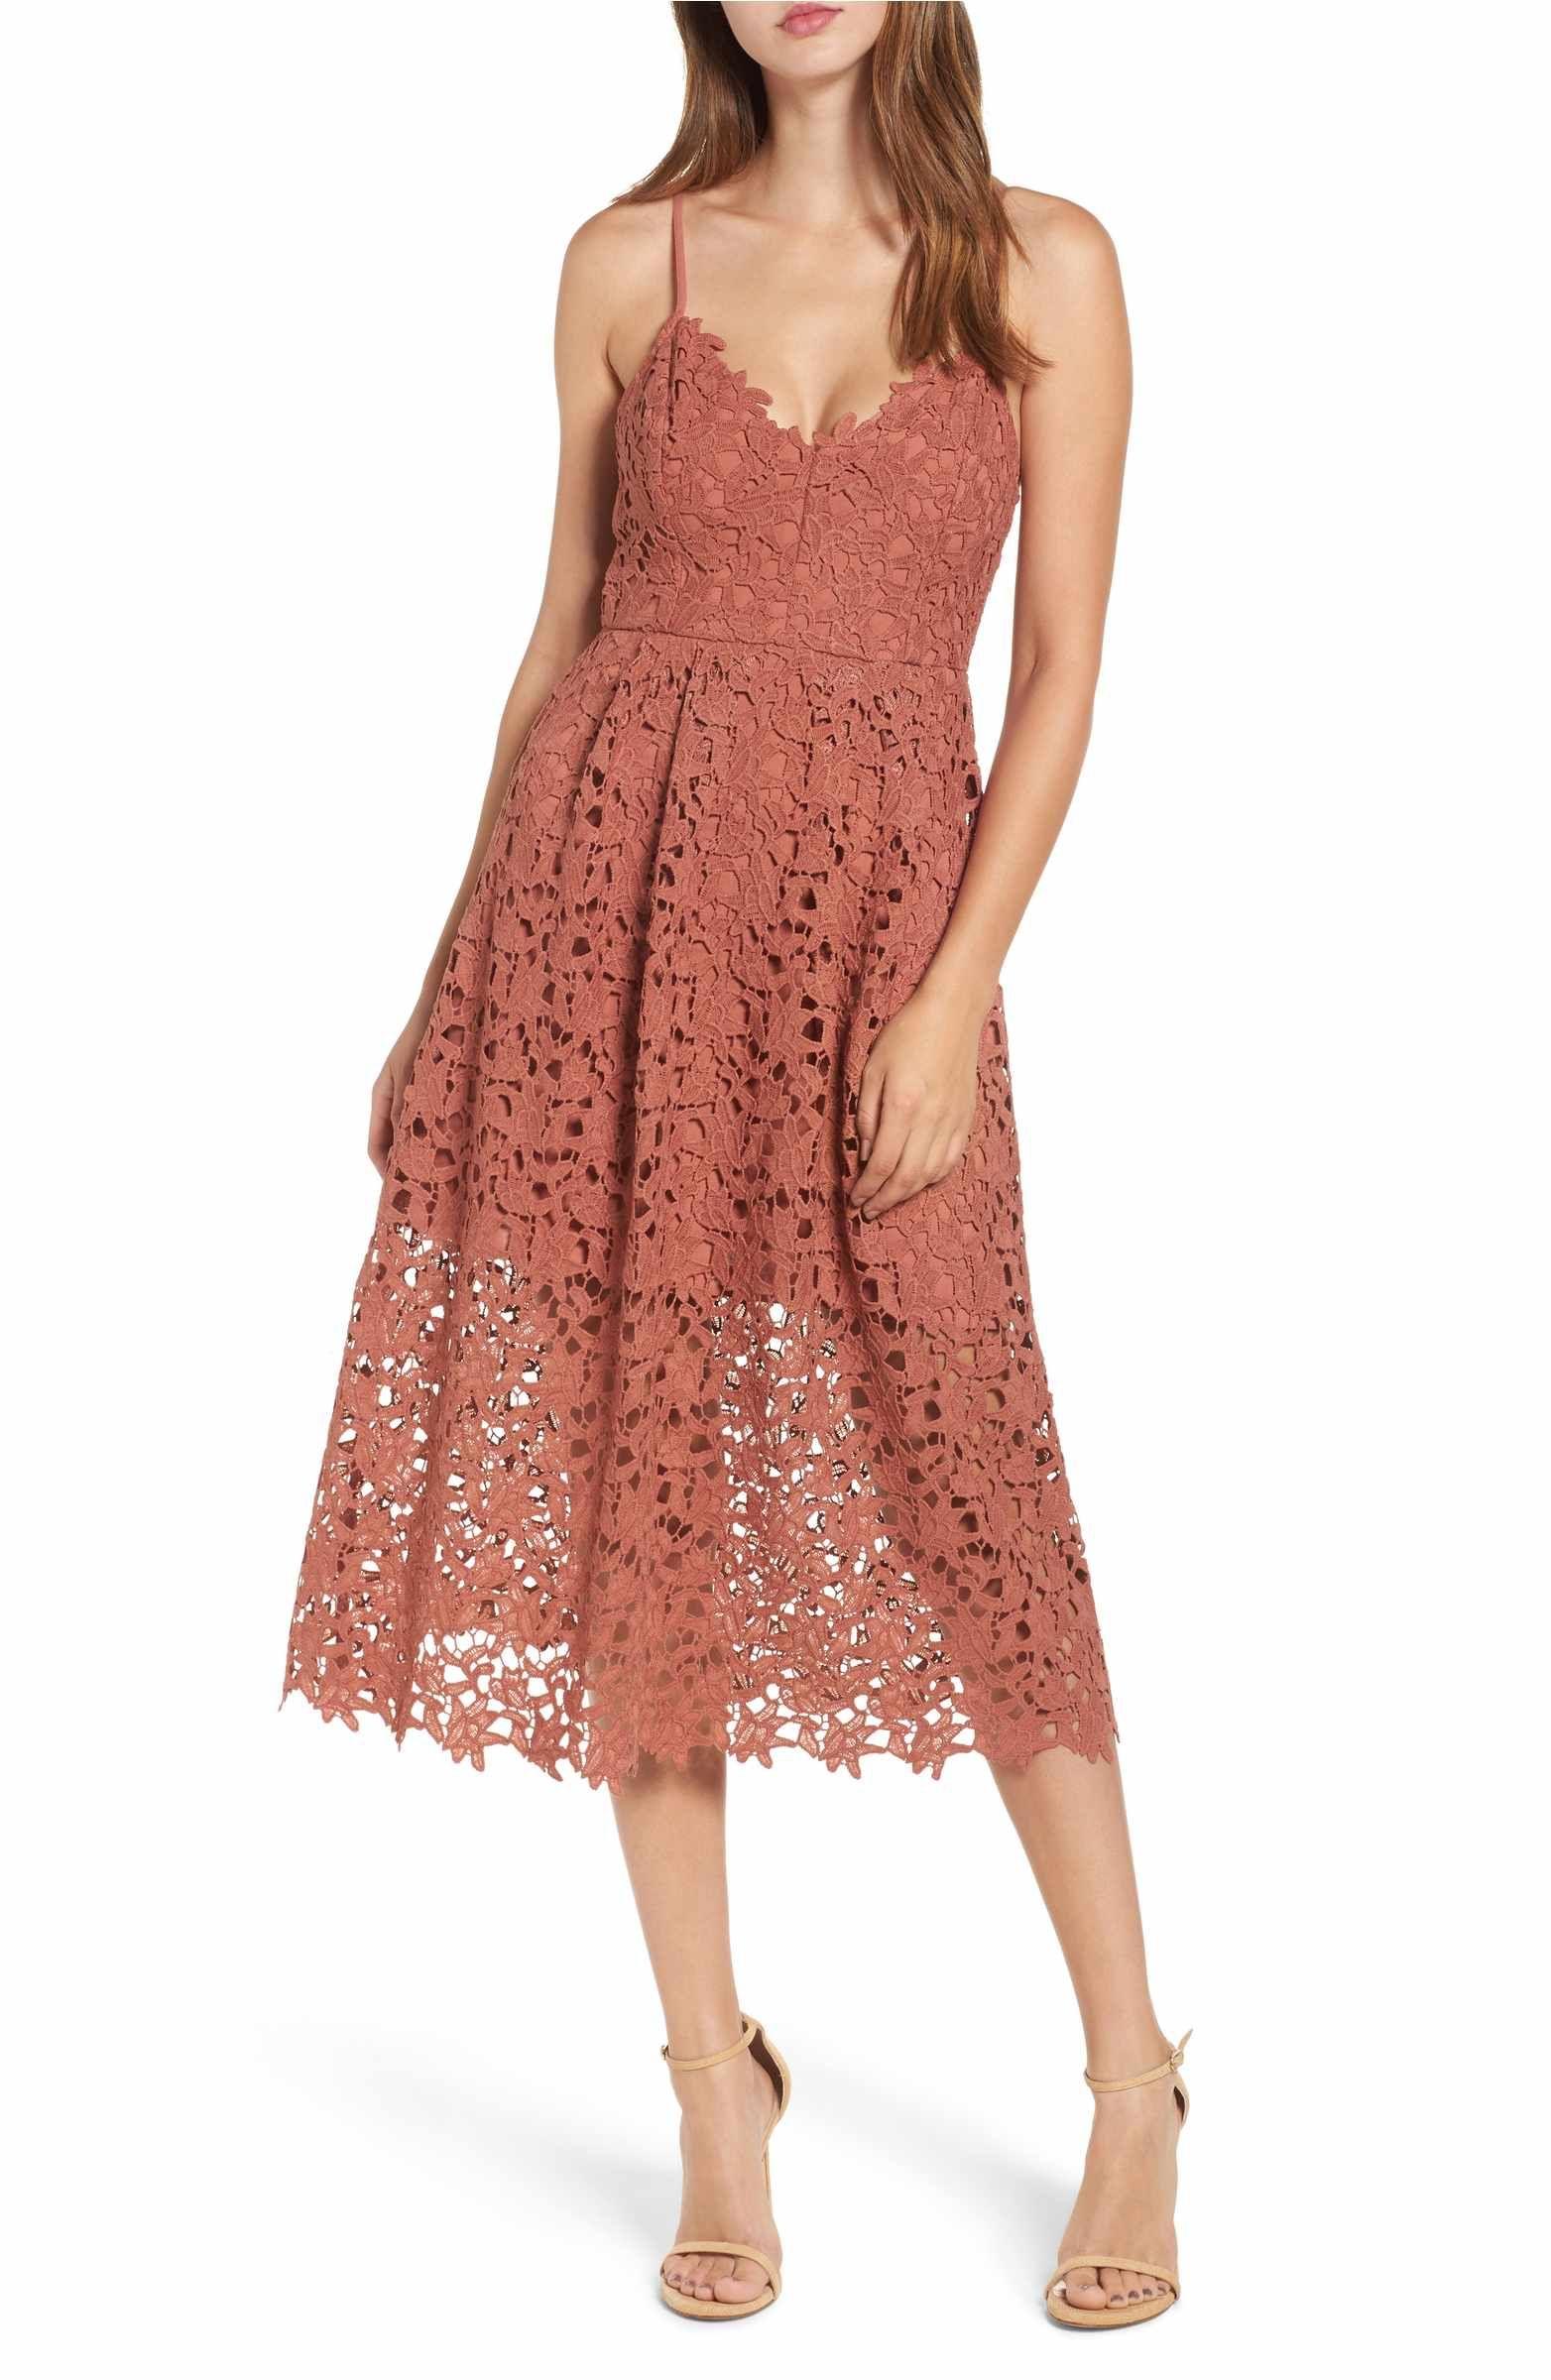 Main image astr the label lace midi dress clothes shop